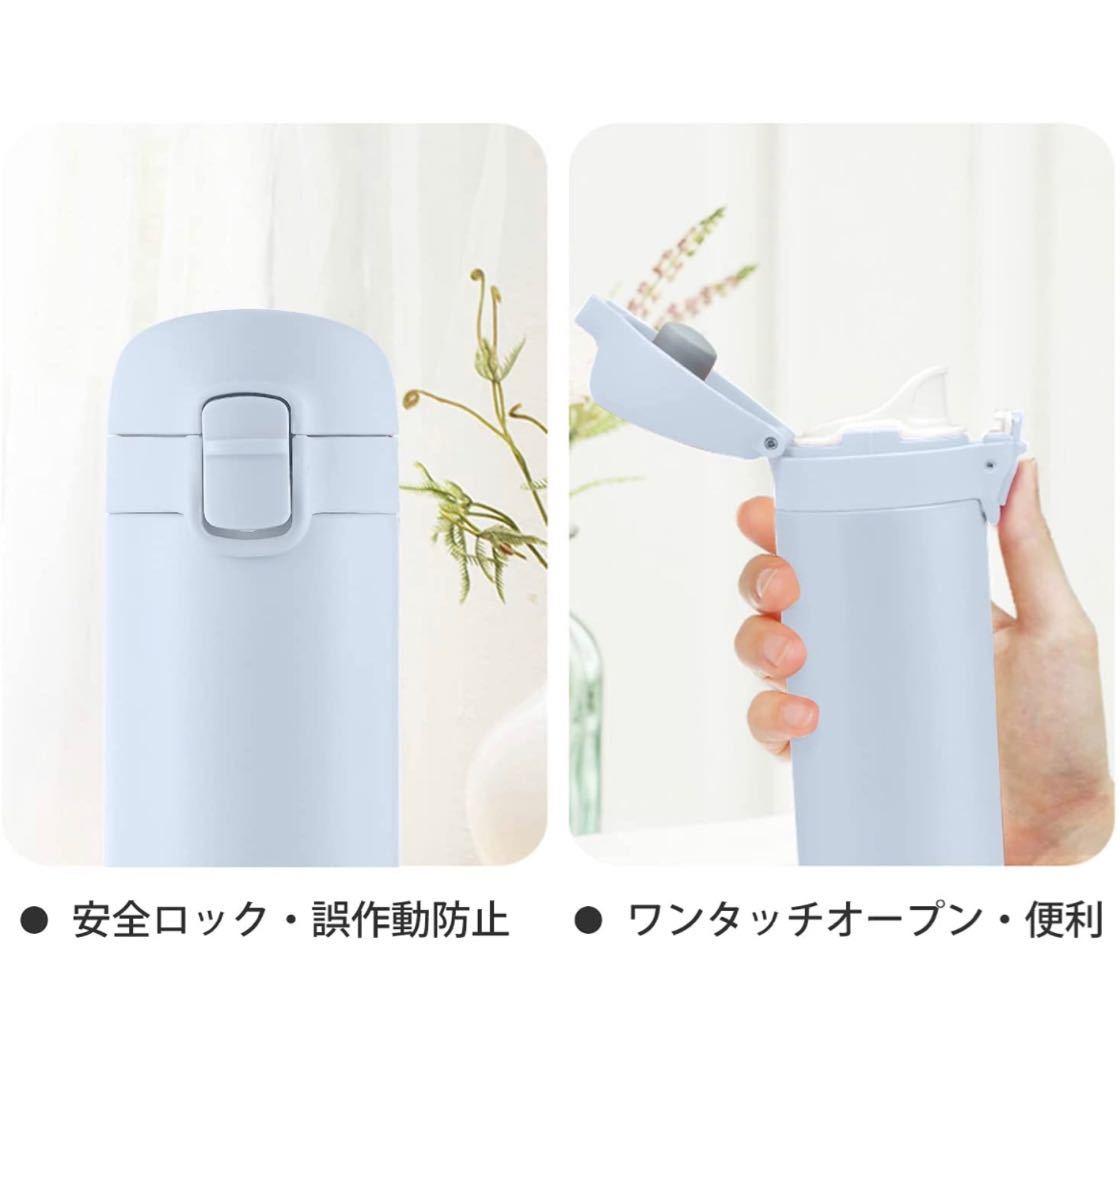 ステンレス ボトル水筒 保温保冷 超軽量 携帯便利 持ち歩き ワンタッチオープ